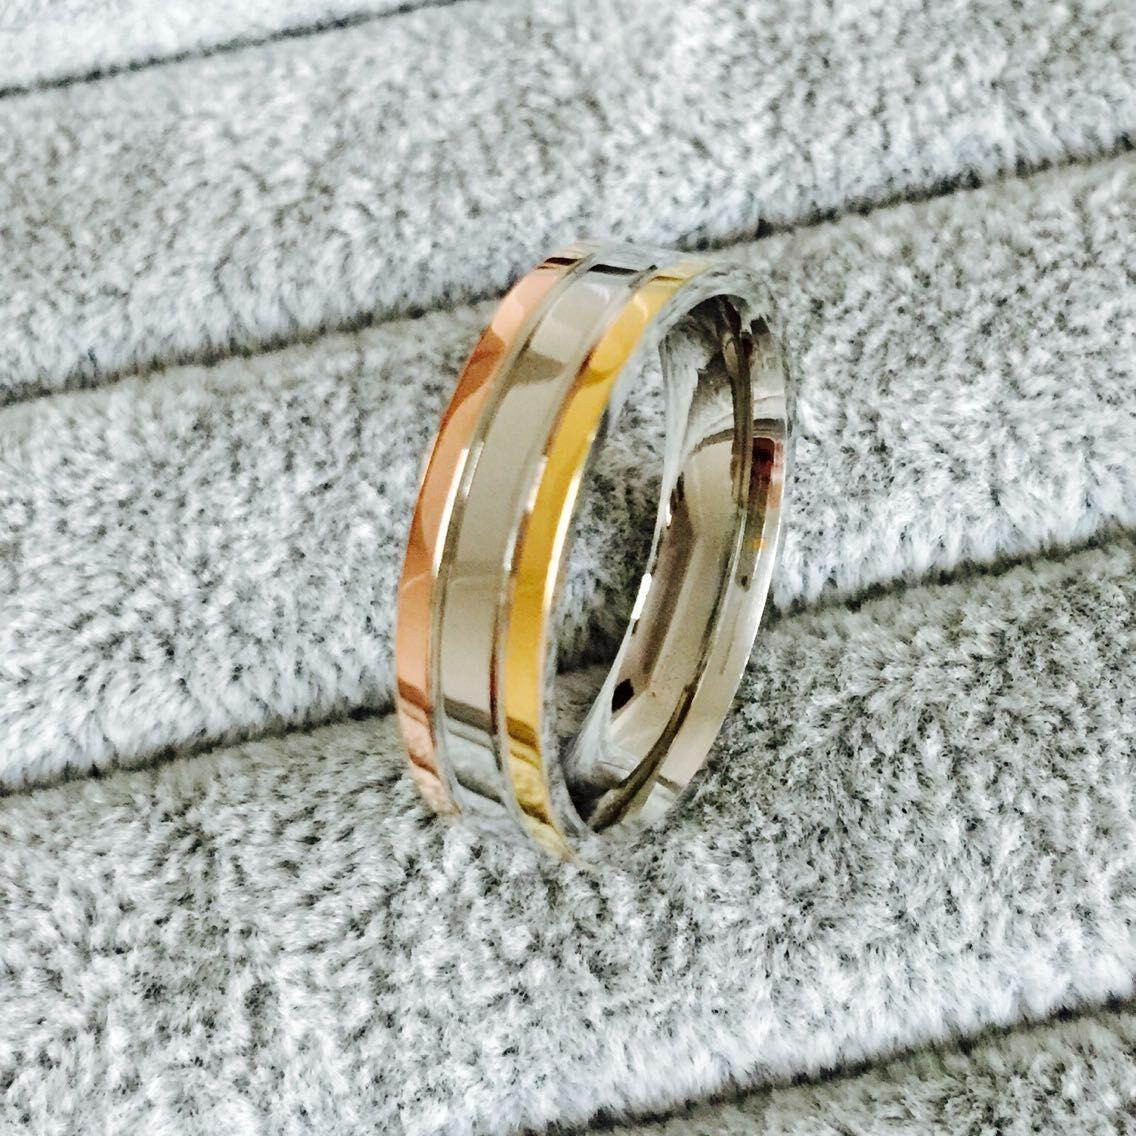 Berühmte marke silber / rose gold / vergoldet triple tone top klassisches design hochzeit band ring für frauen und männer